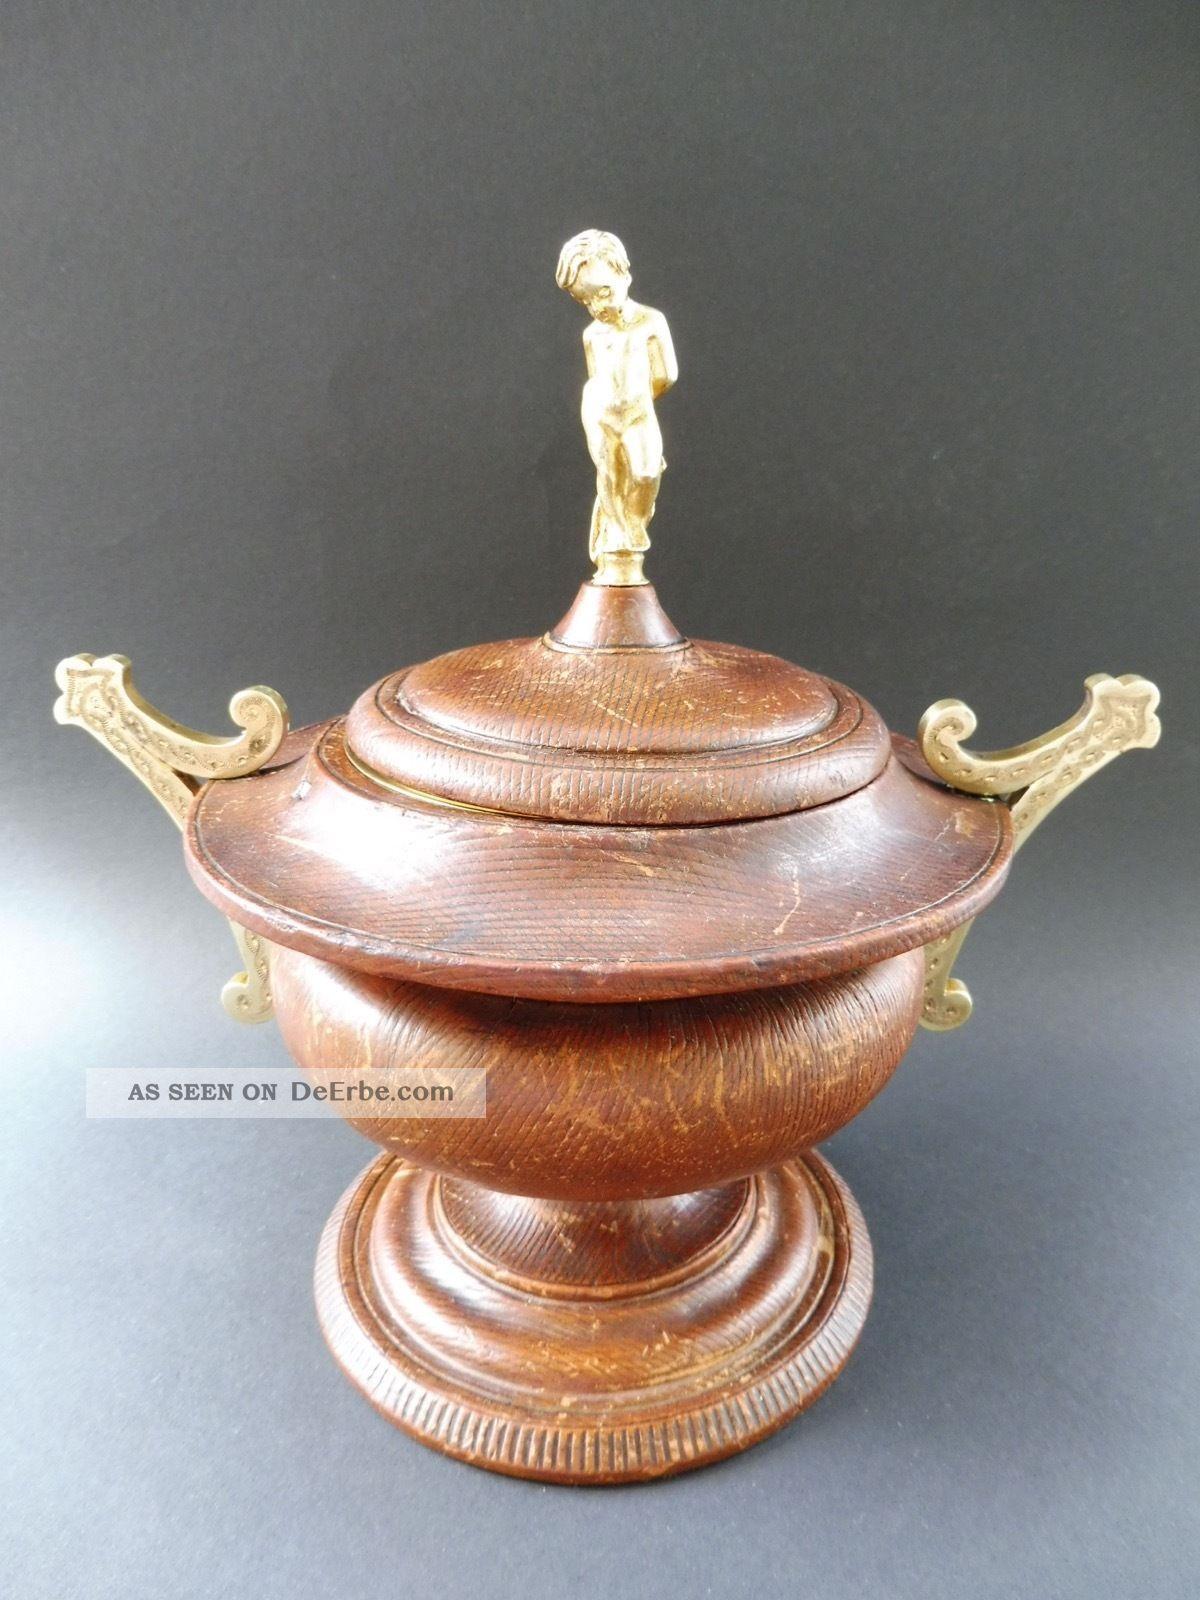 : Historismus Jugendstil Leder Putto Konfekt Dose Vergoldet Art Nouveau Box Gilt 1890-1919, Jugendstil Bild